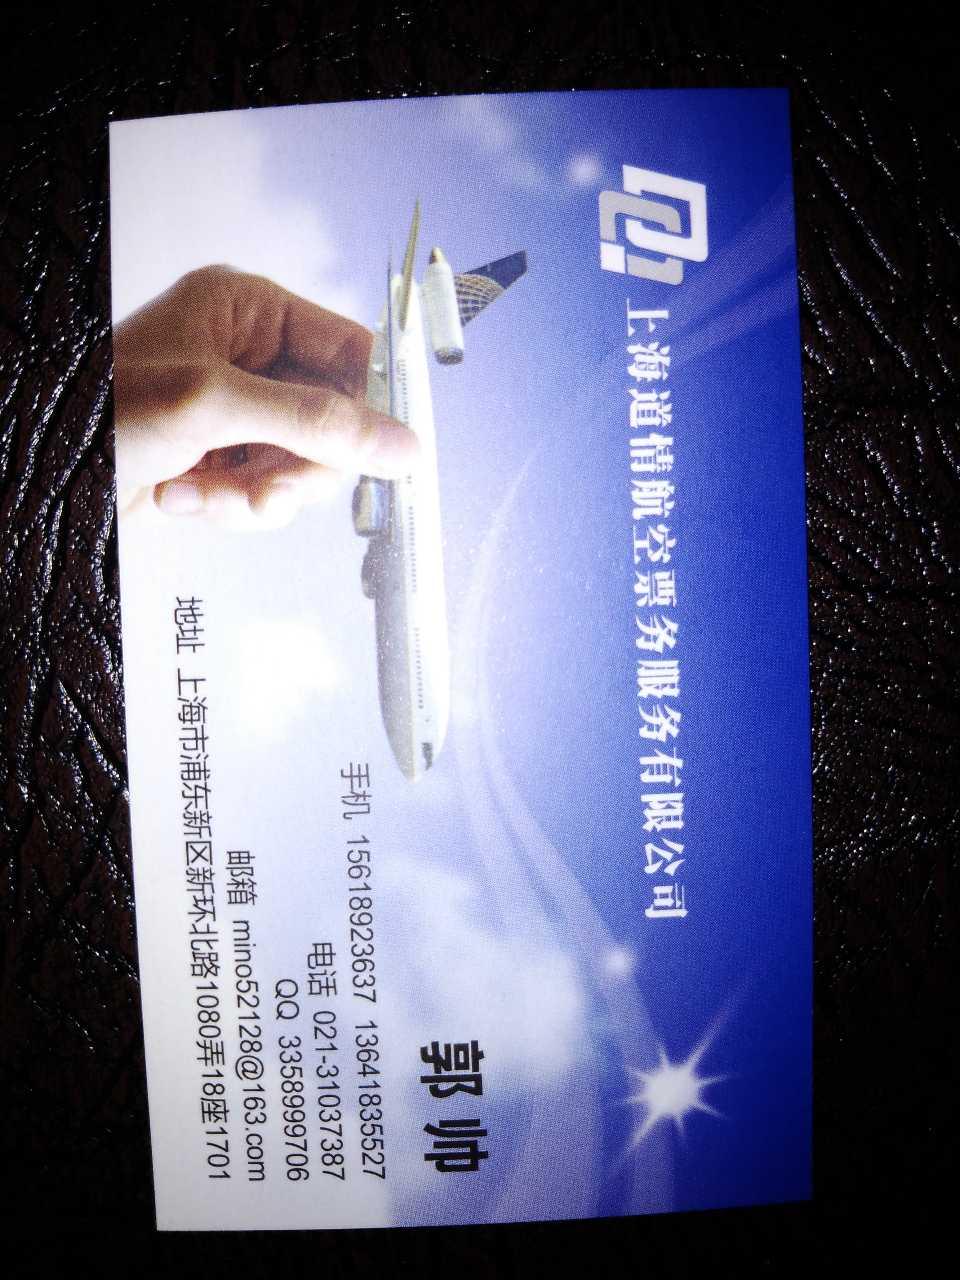 来自郭*发布的商务合作信息:专业服务于企业差旅出行机票酒店签证的相关... - 上海道情航空票务服务有限公司